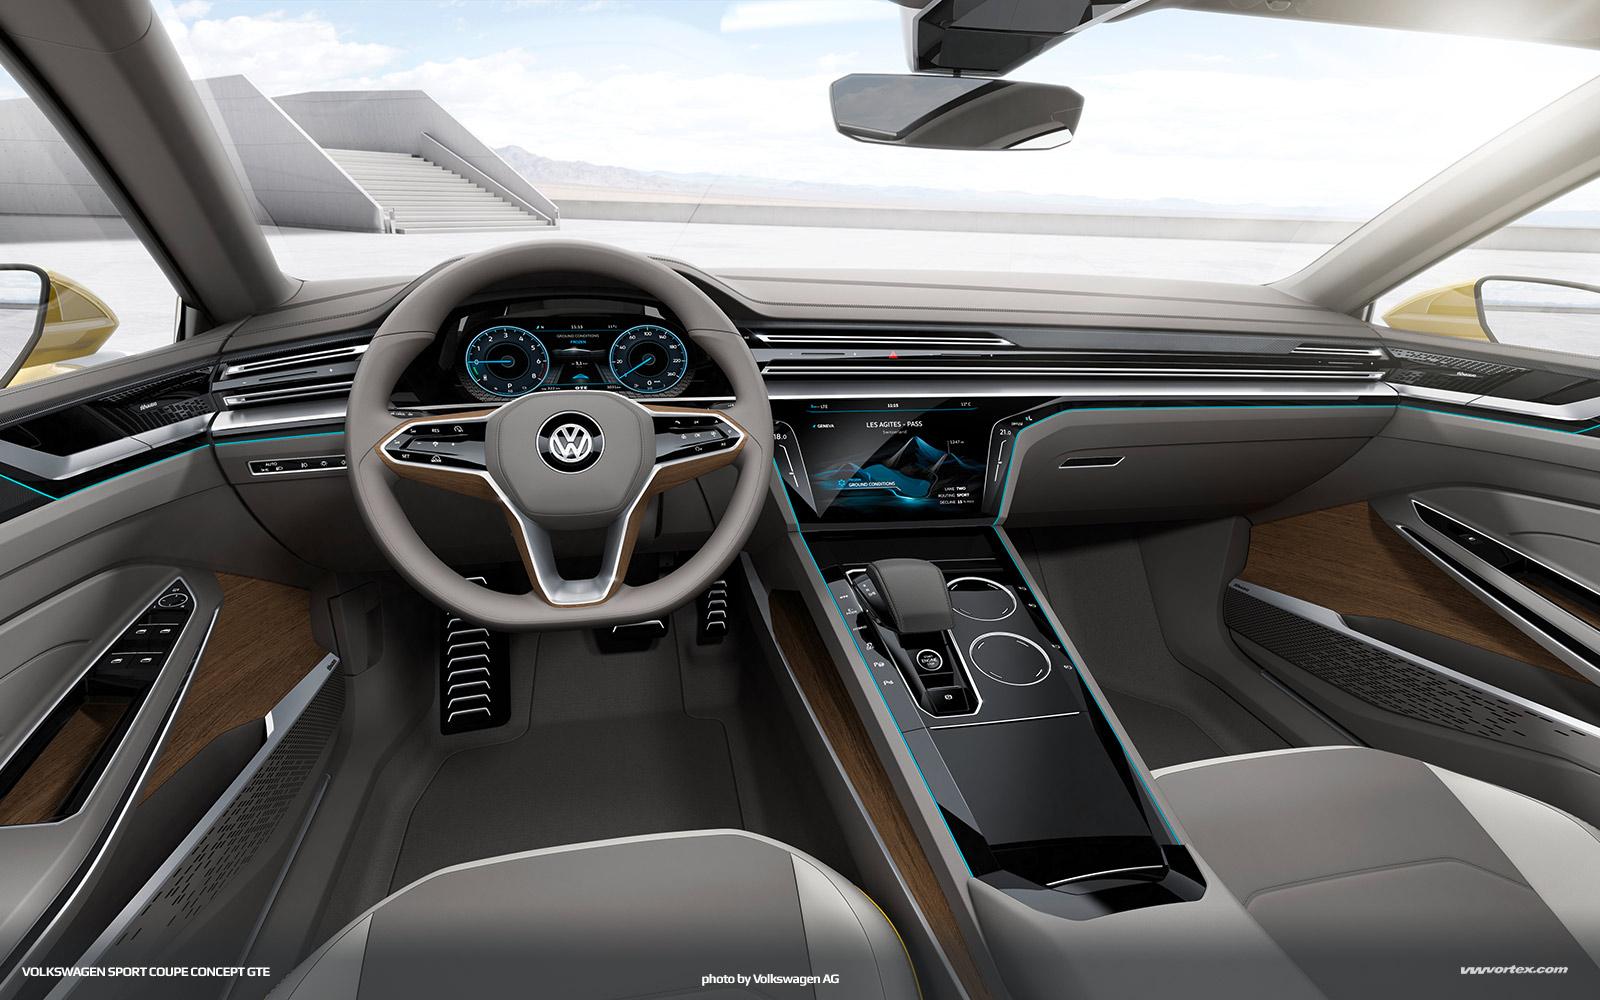 Audi-A5-S-line-competition-plus-Japan-789